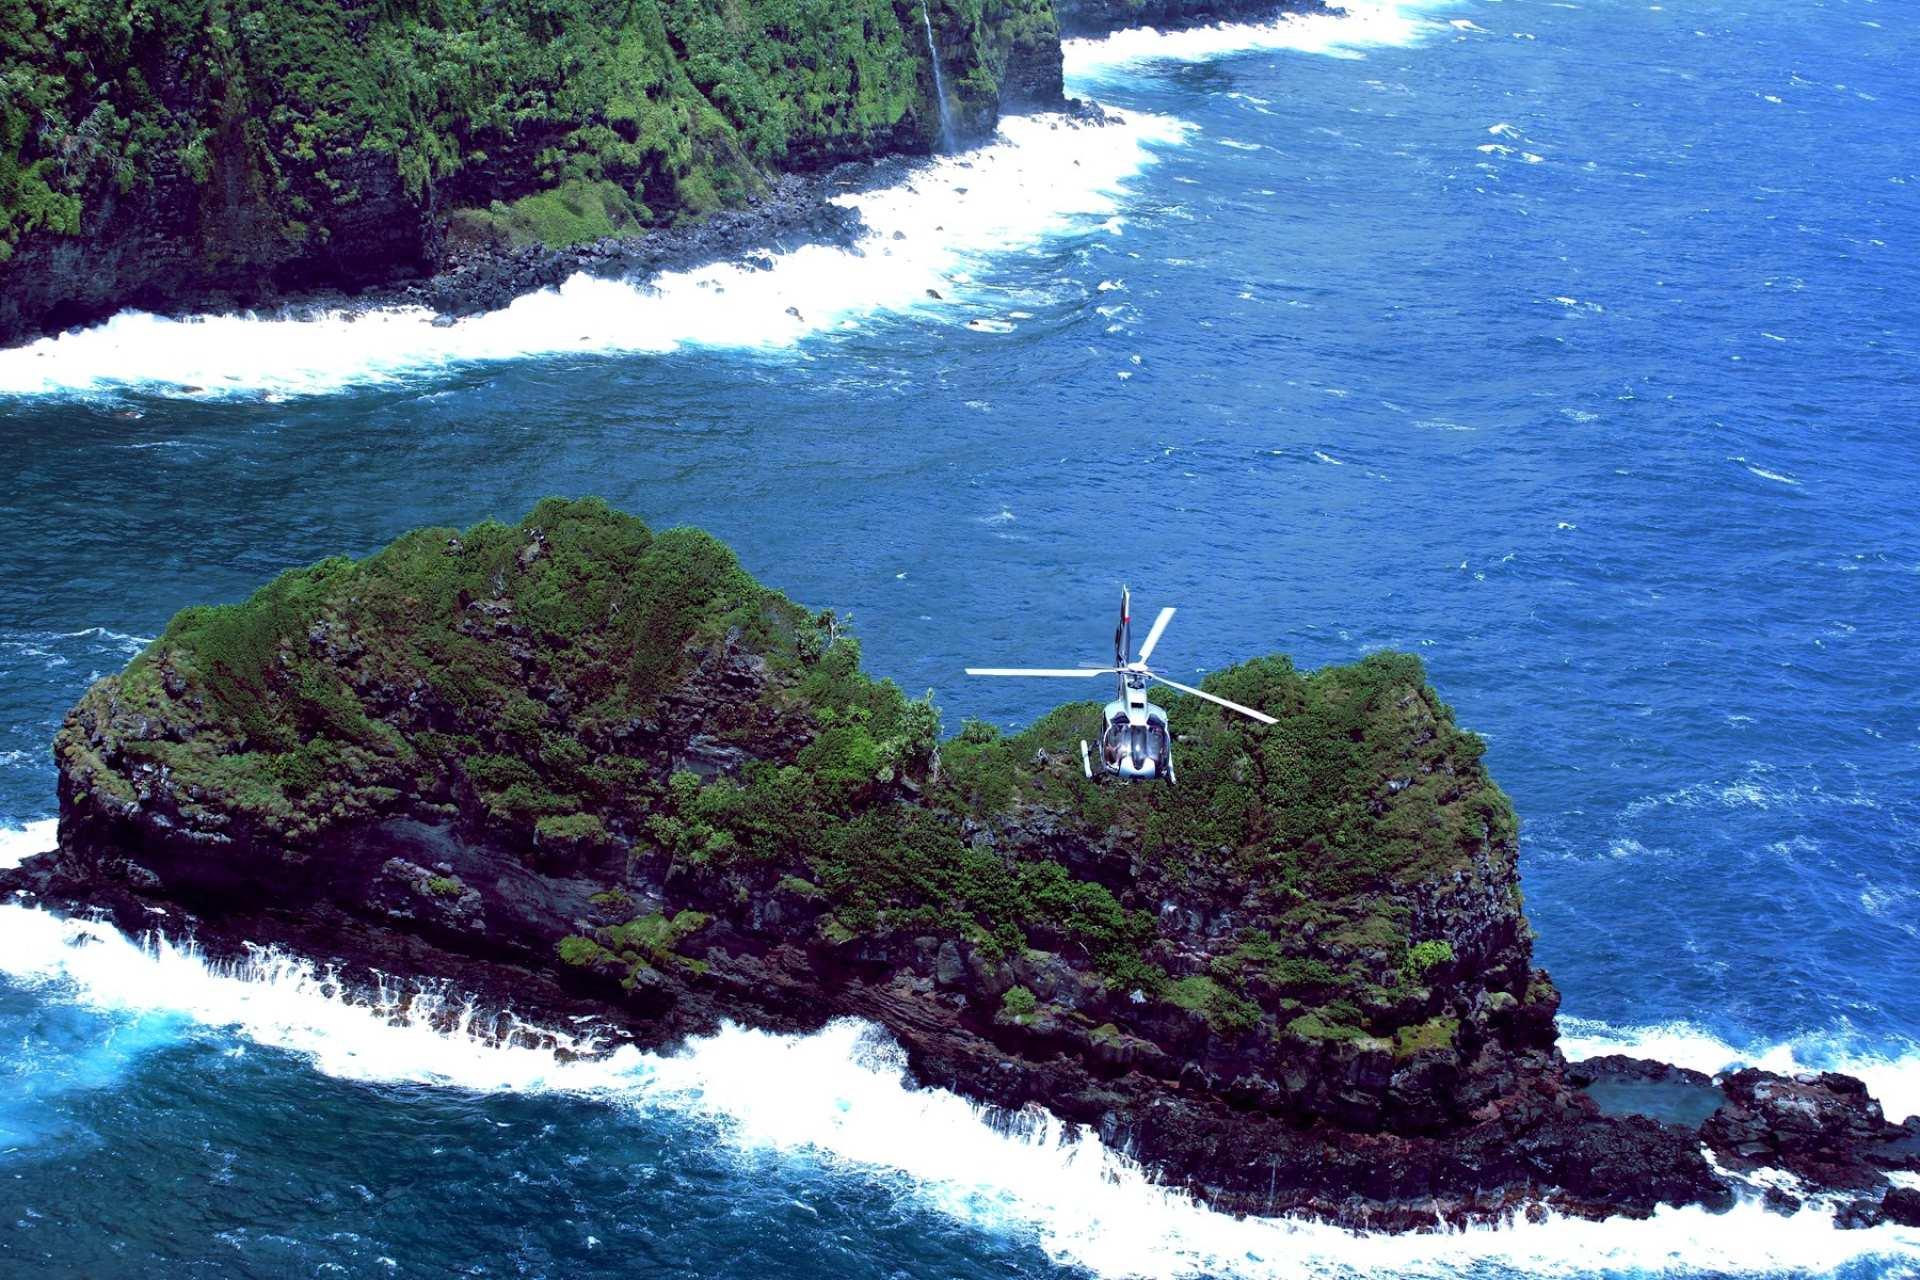 【夏威夷直升機】茂宜島直升機體驗+雨林探索(含飯店接送)